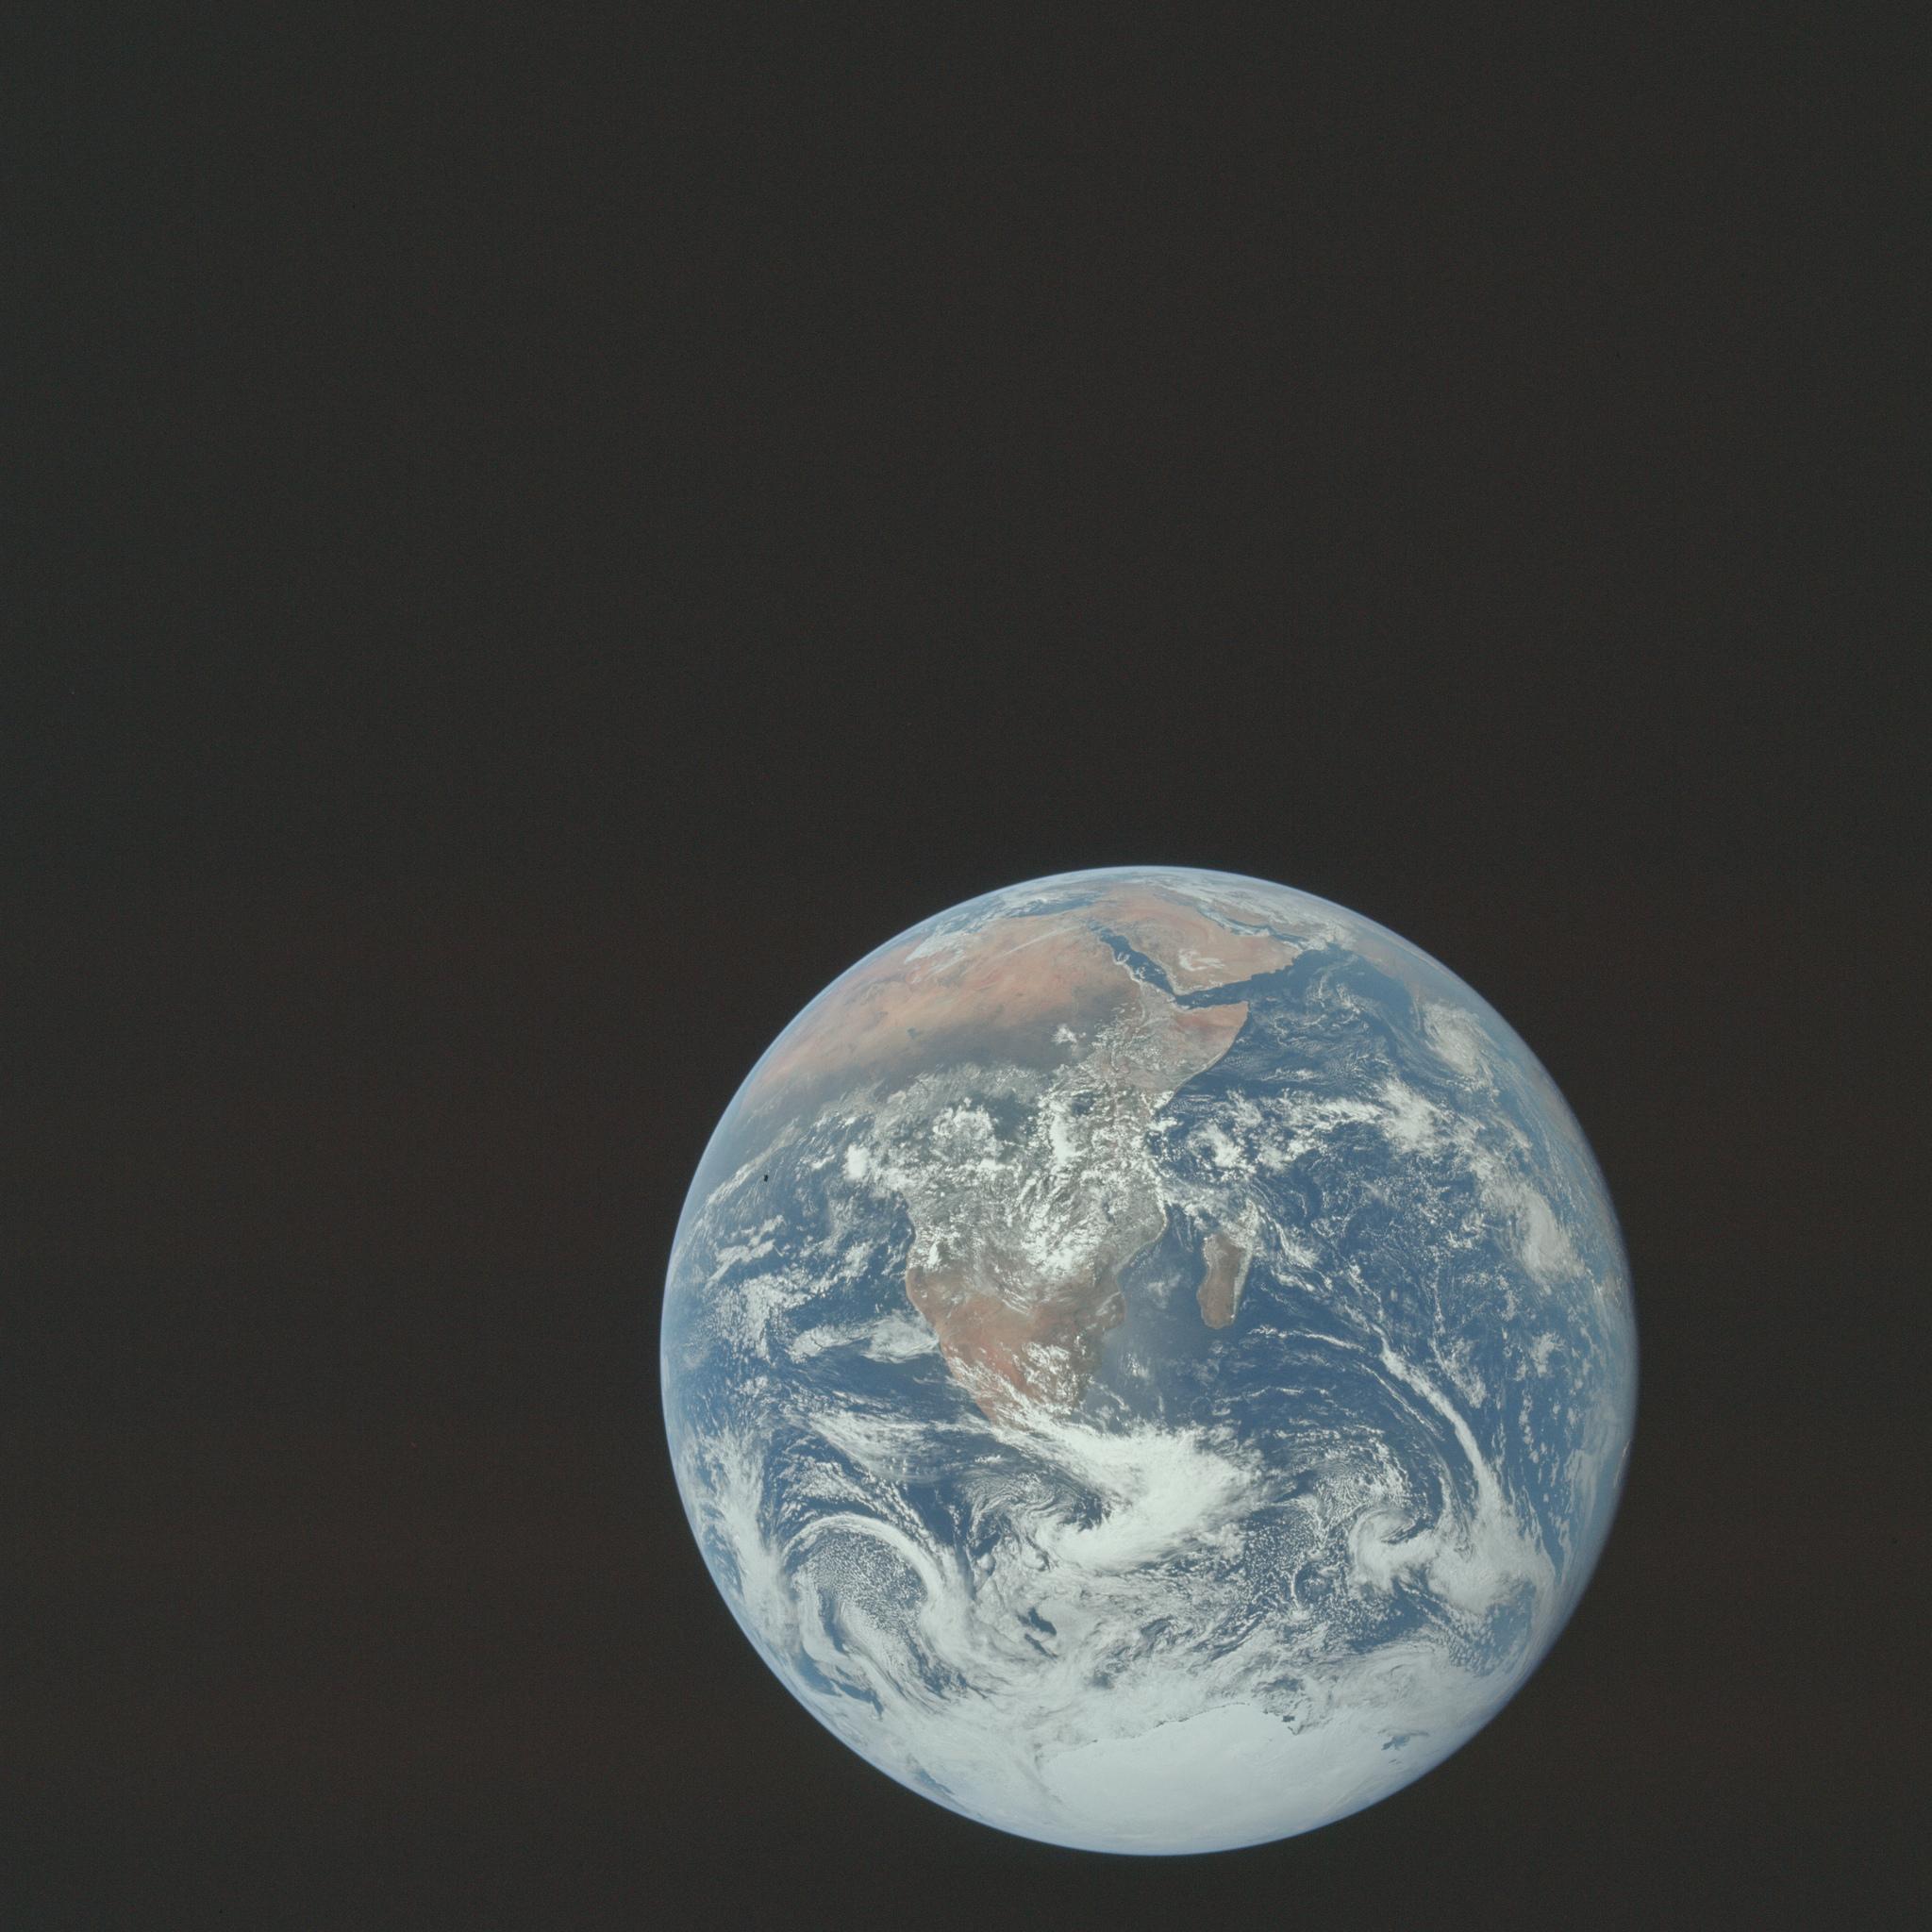 """""""The Blue Marble"""" - Obraz Ziemi widziany przez załogę Apollo 17 podróżującą w kierunku Księżyca. Obszar widoczny na zdjęciu rozciąga się od Morza Śródziemnego po lodowe czapy Antarktydy na południu. Jest to pierwszy raz, gdy tor lotu Apolla umożliwia sfotografowanie czap lodowych na Antarktydzie. Niemal całe wybrzeże Afryki jest dobrze widoczne."""